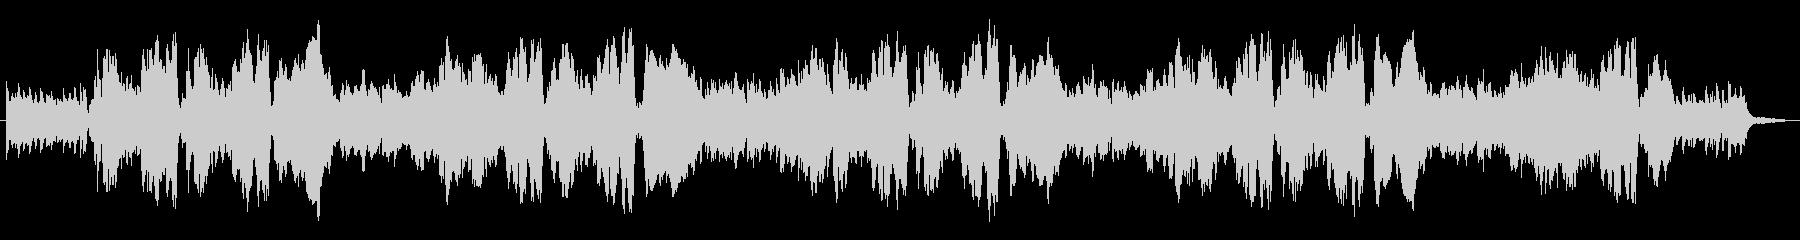 生演奏リコーダーでモーニングルーティンの未再生の波形